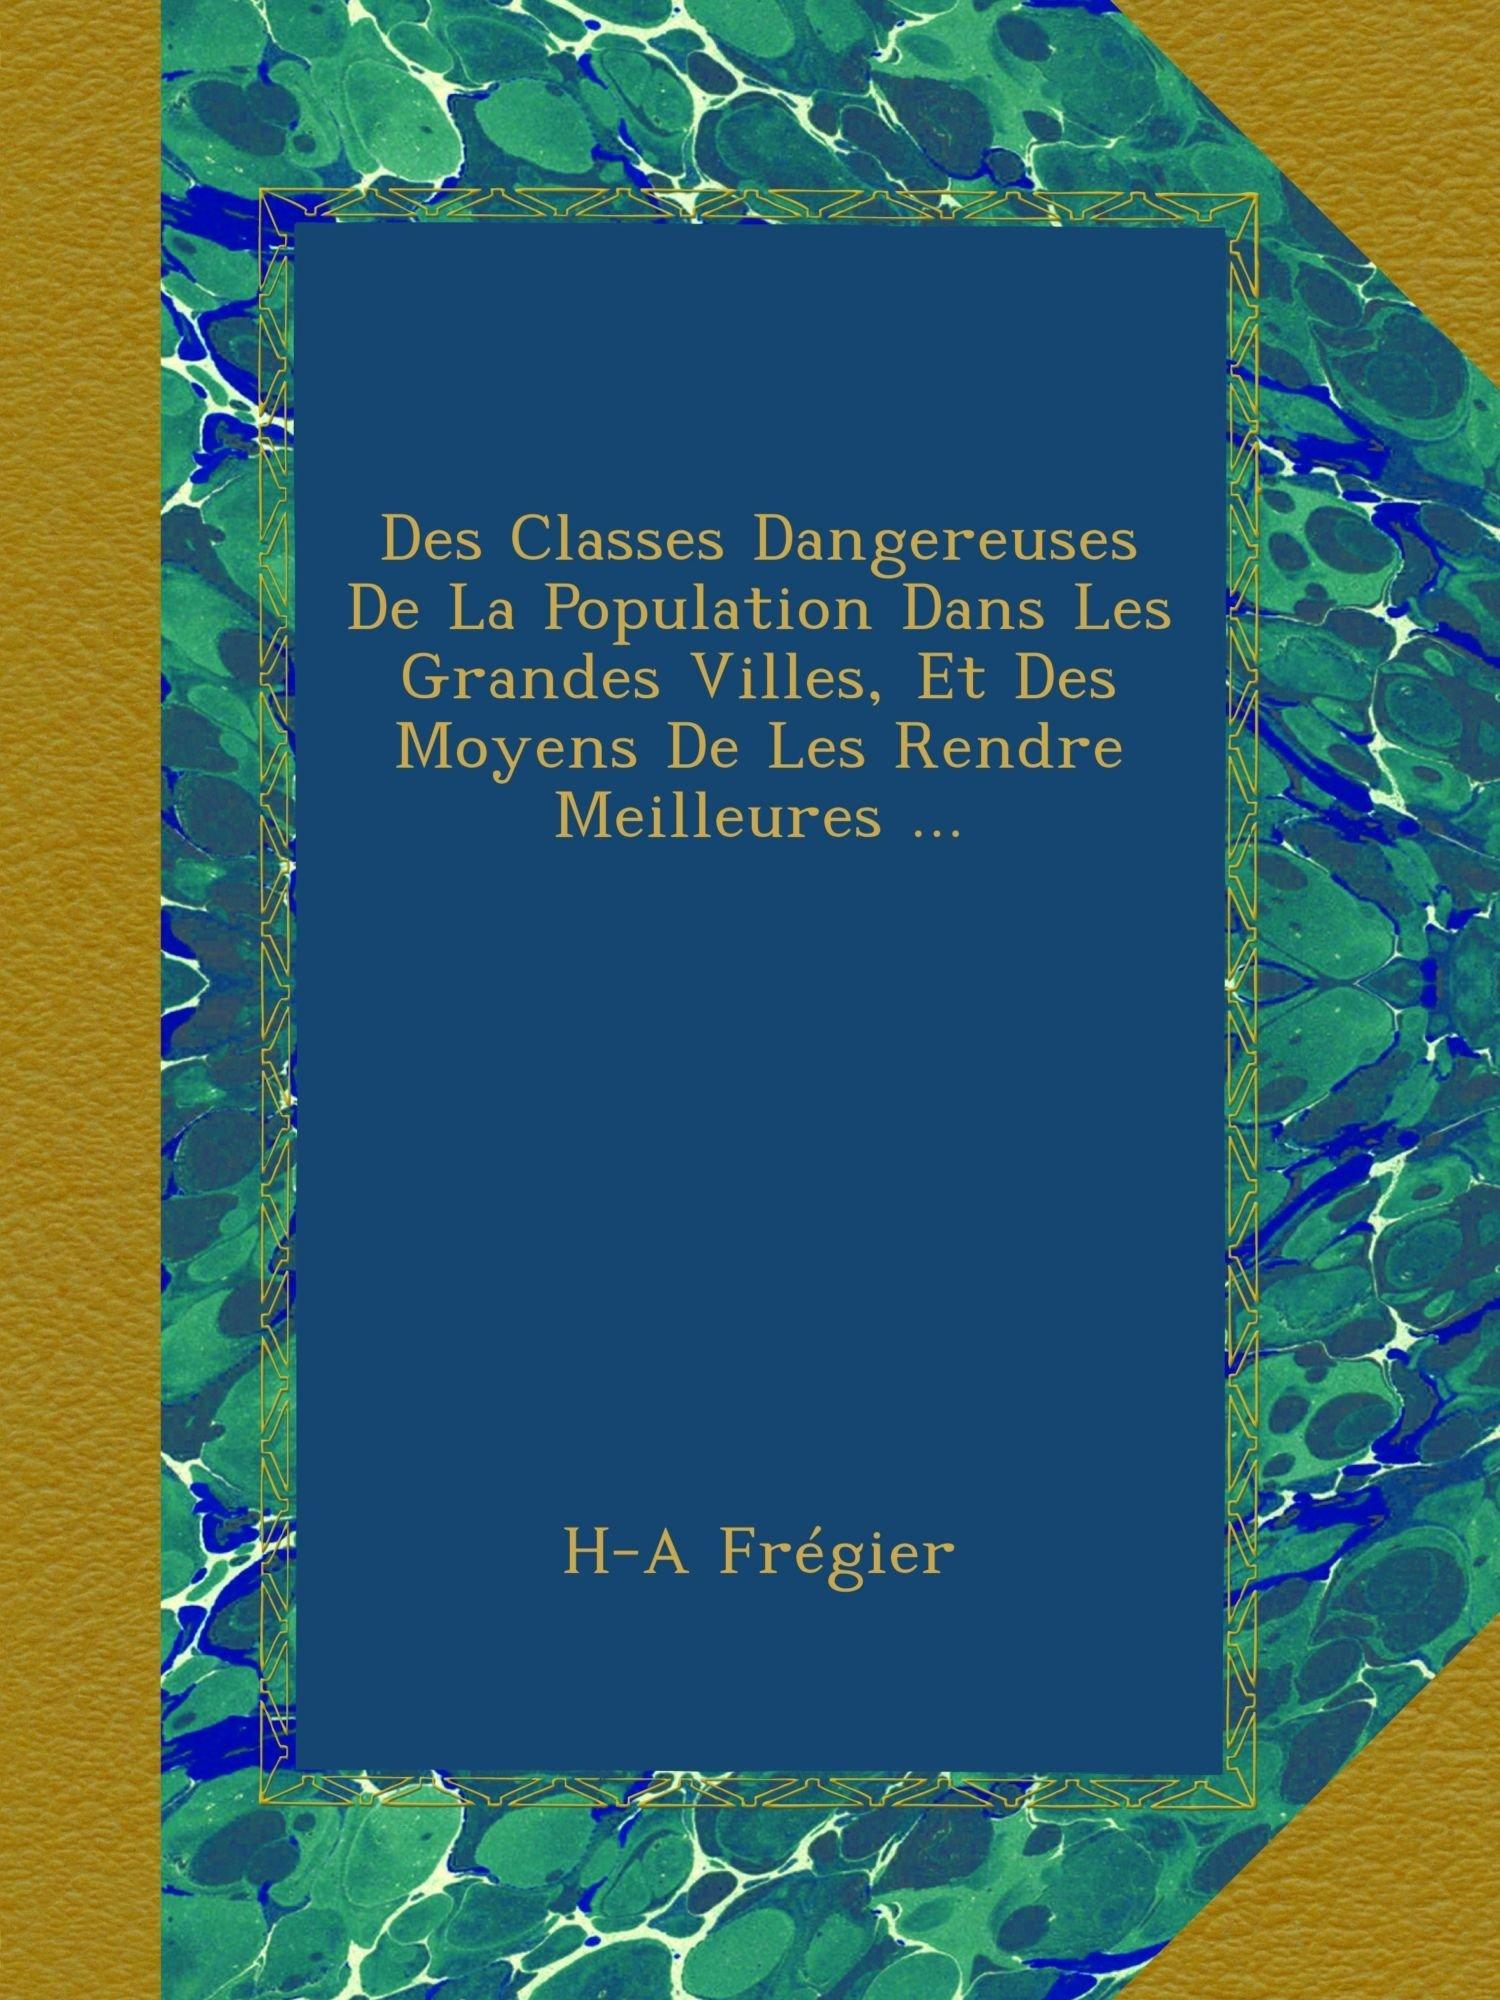 Des Classes Dangereuses De La Population Dans Les Grandes Villes, Et Des Moyens De Les Rendre Meilleures ... (French Edition) ebook